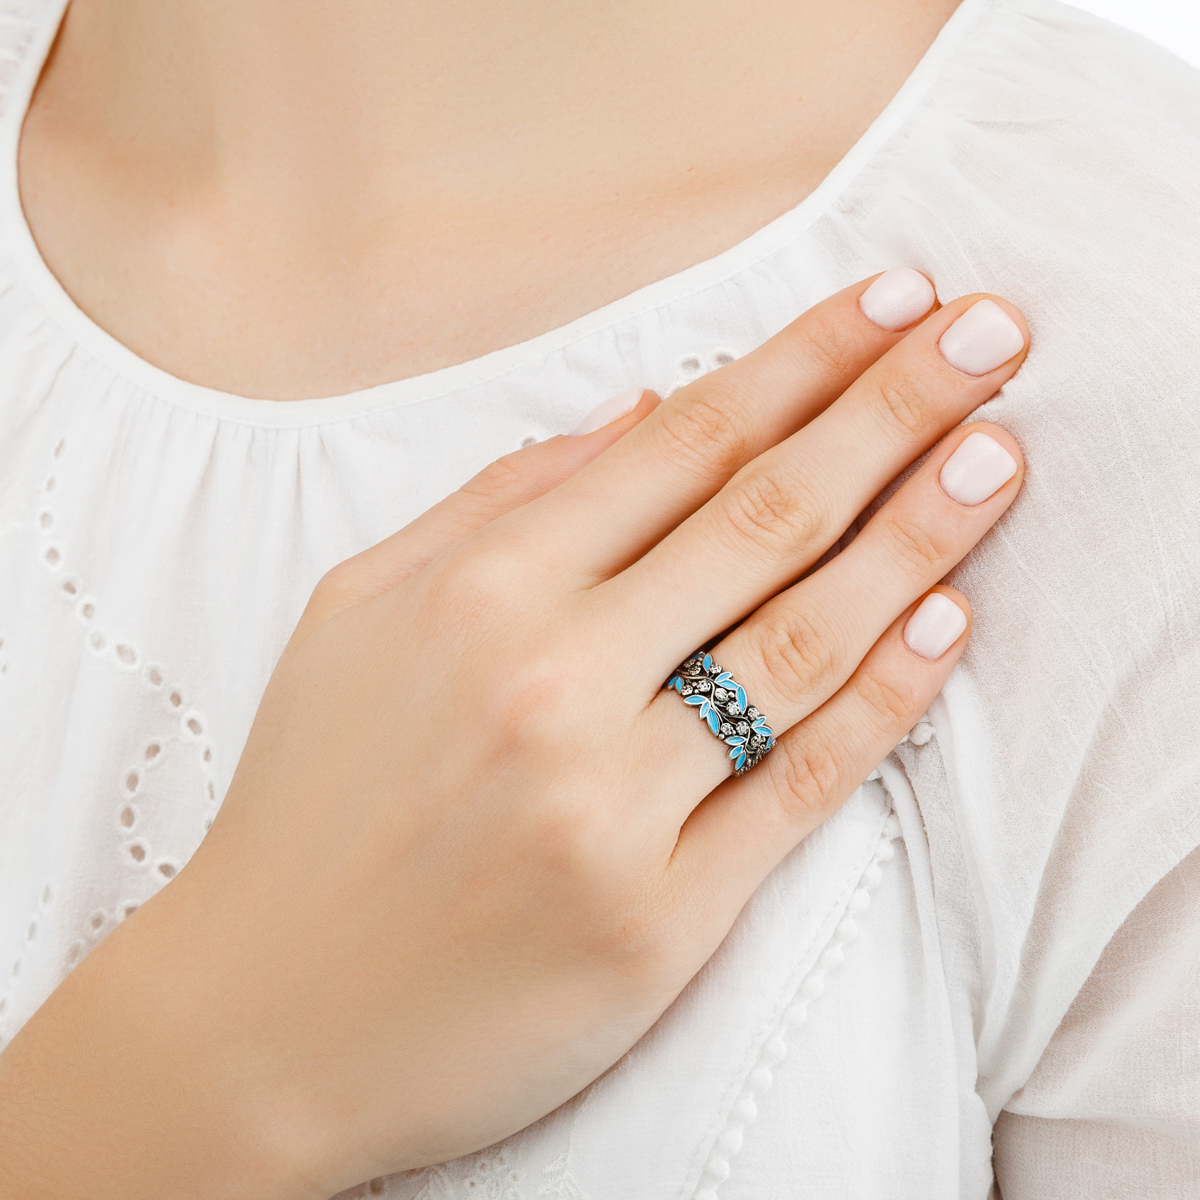 rosinka golubaya - Кольцо из серебра «Росинка», голубое с фианитами